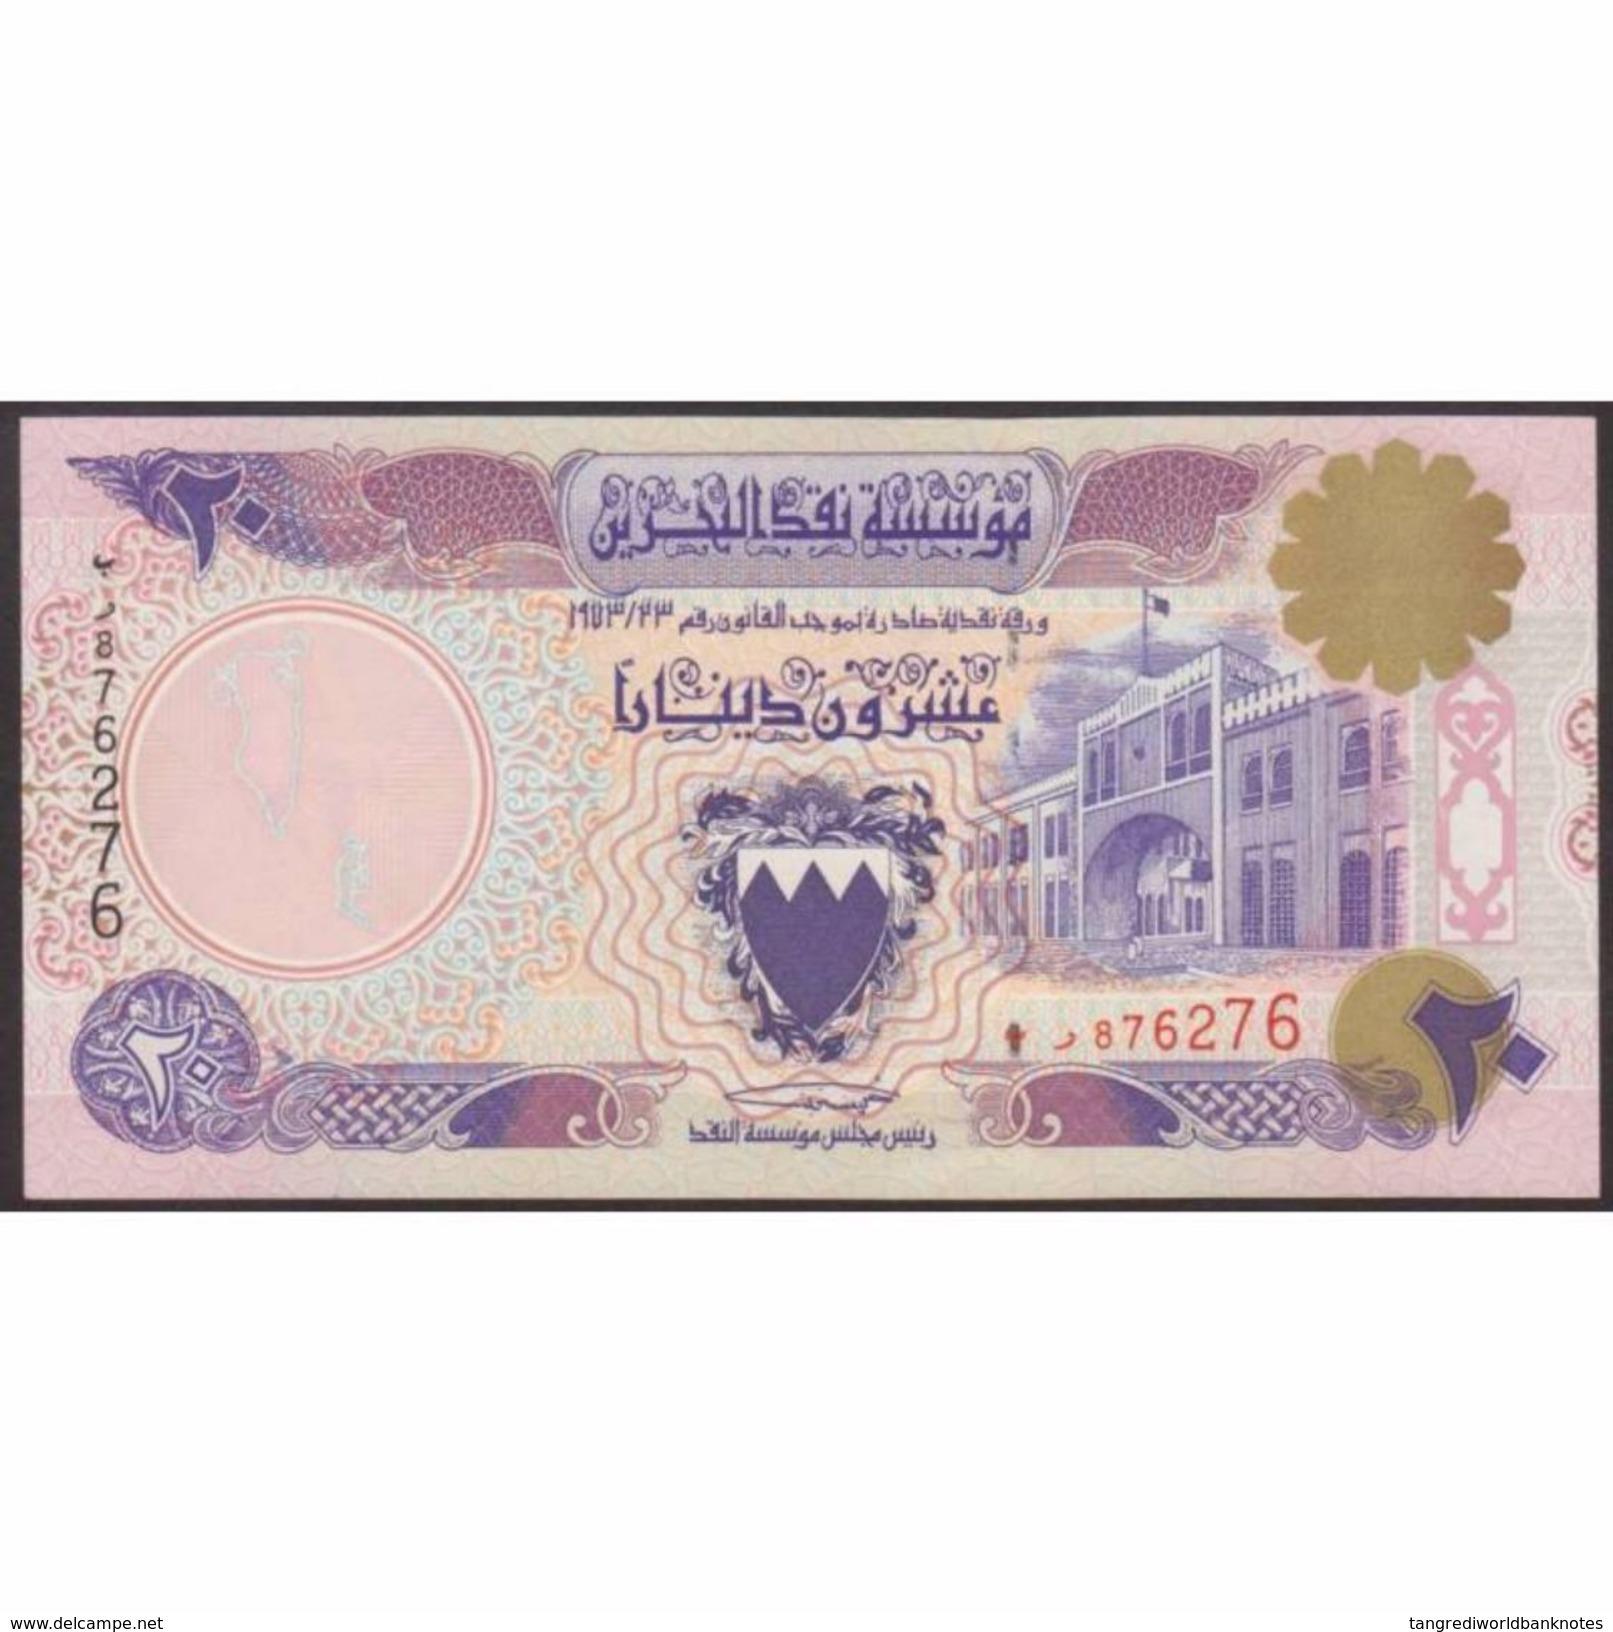 TWN - BAHRAIN 16x - 20 Dinars L.1973 (1993) Unauthorized Issue UNC - Bahrein